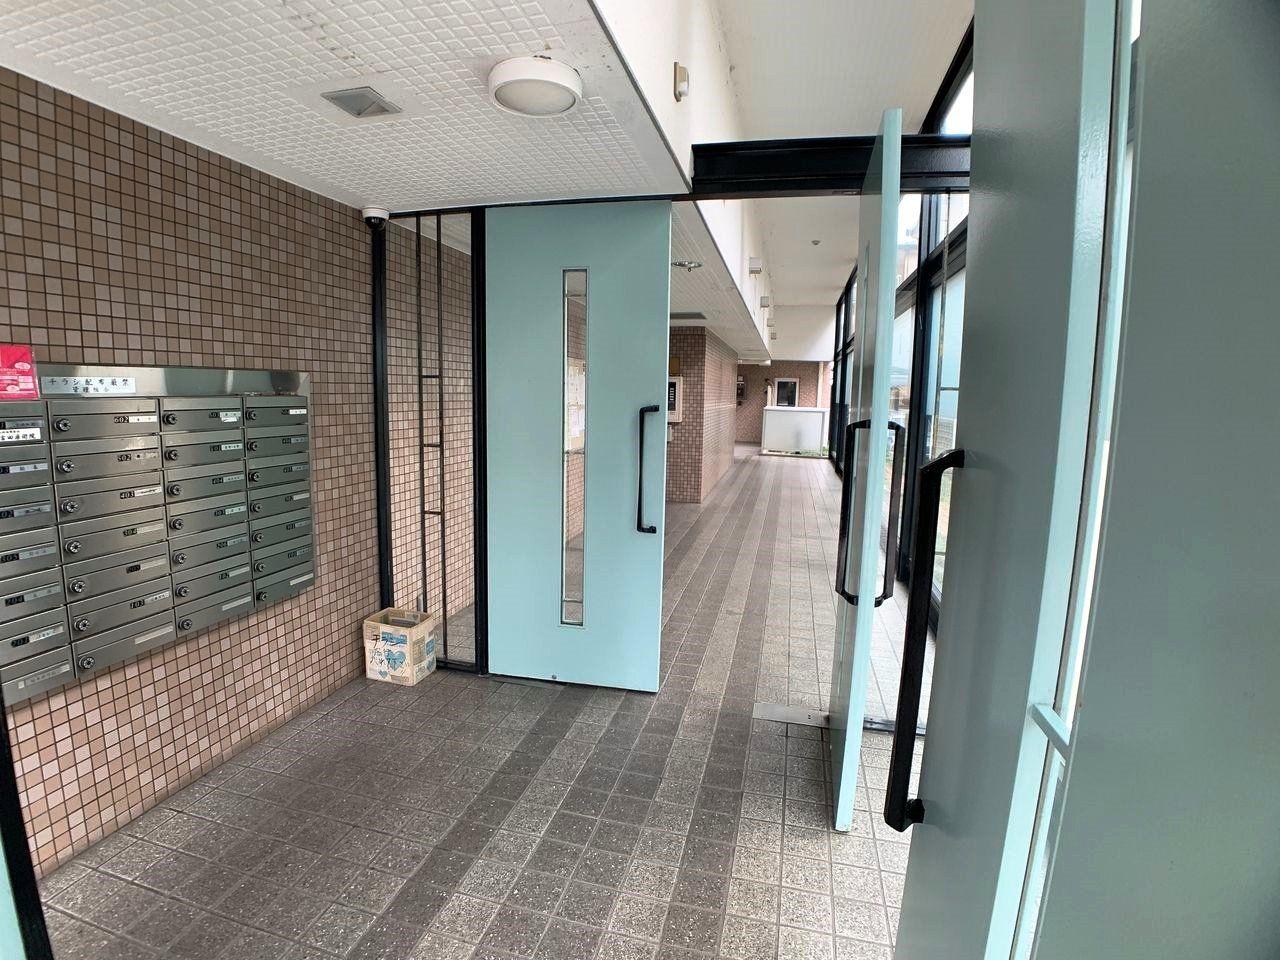 グリーンパーク三郷早稲田Ⅲスカイスクエアのエントランス